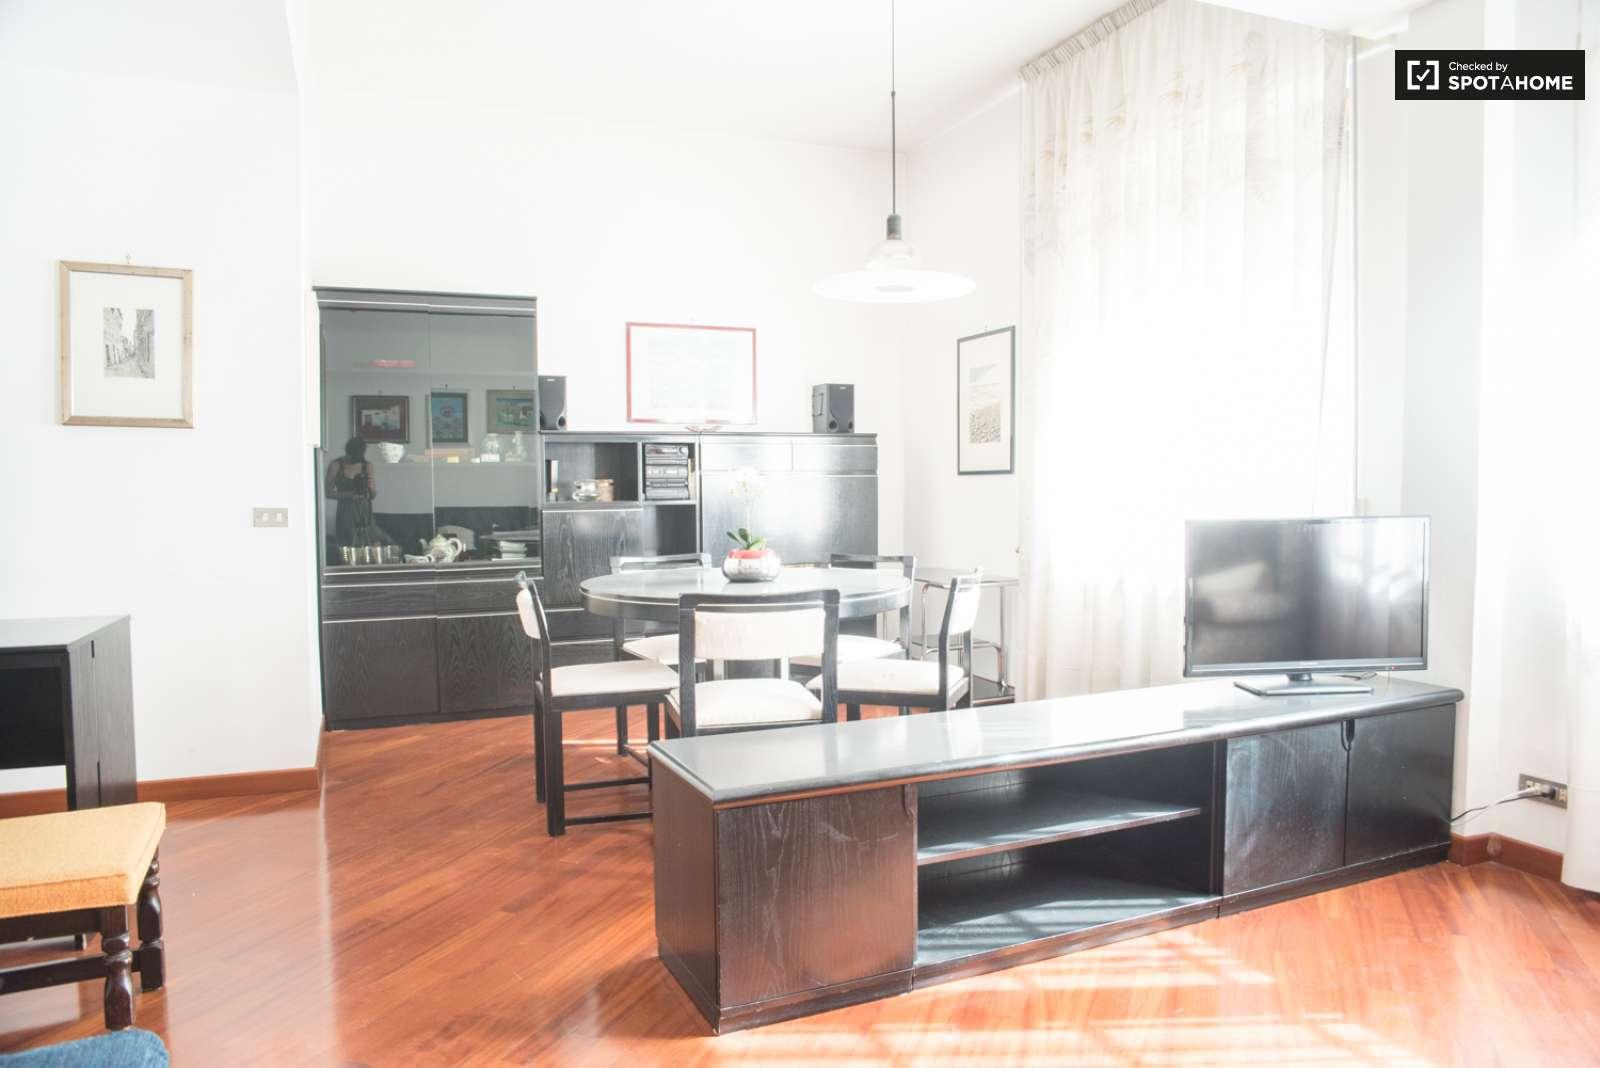 stanza doppia in un trilocale, monteverde, roma   spotahome - Sala Da Pranzo E Soggiorno Insieme